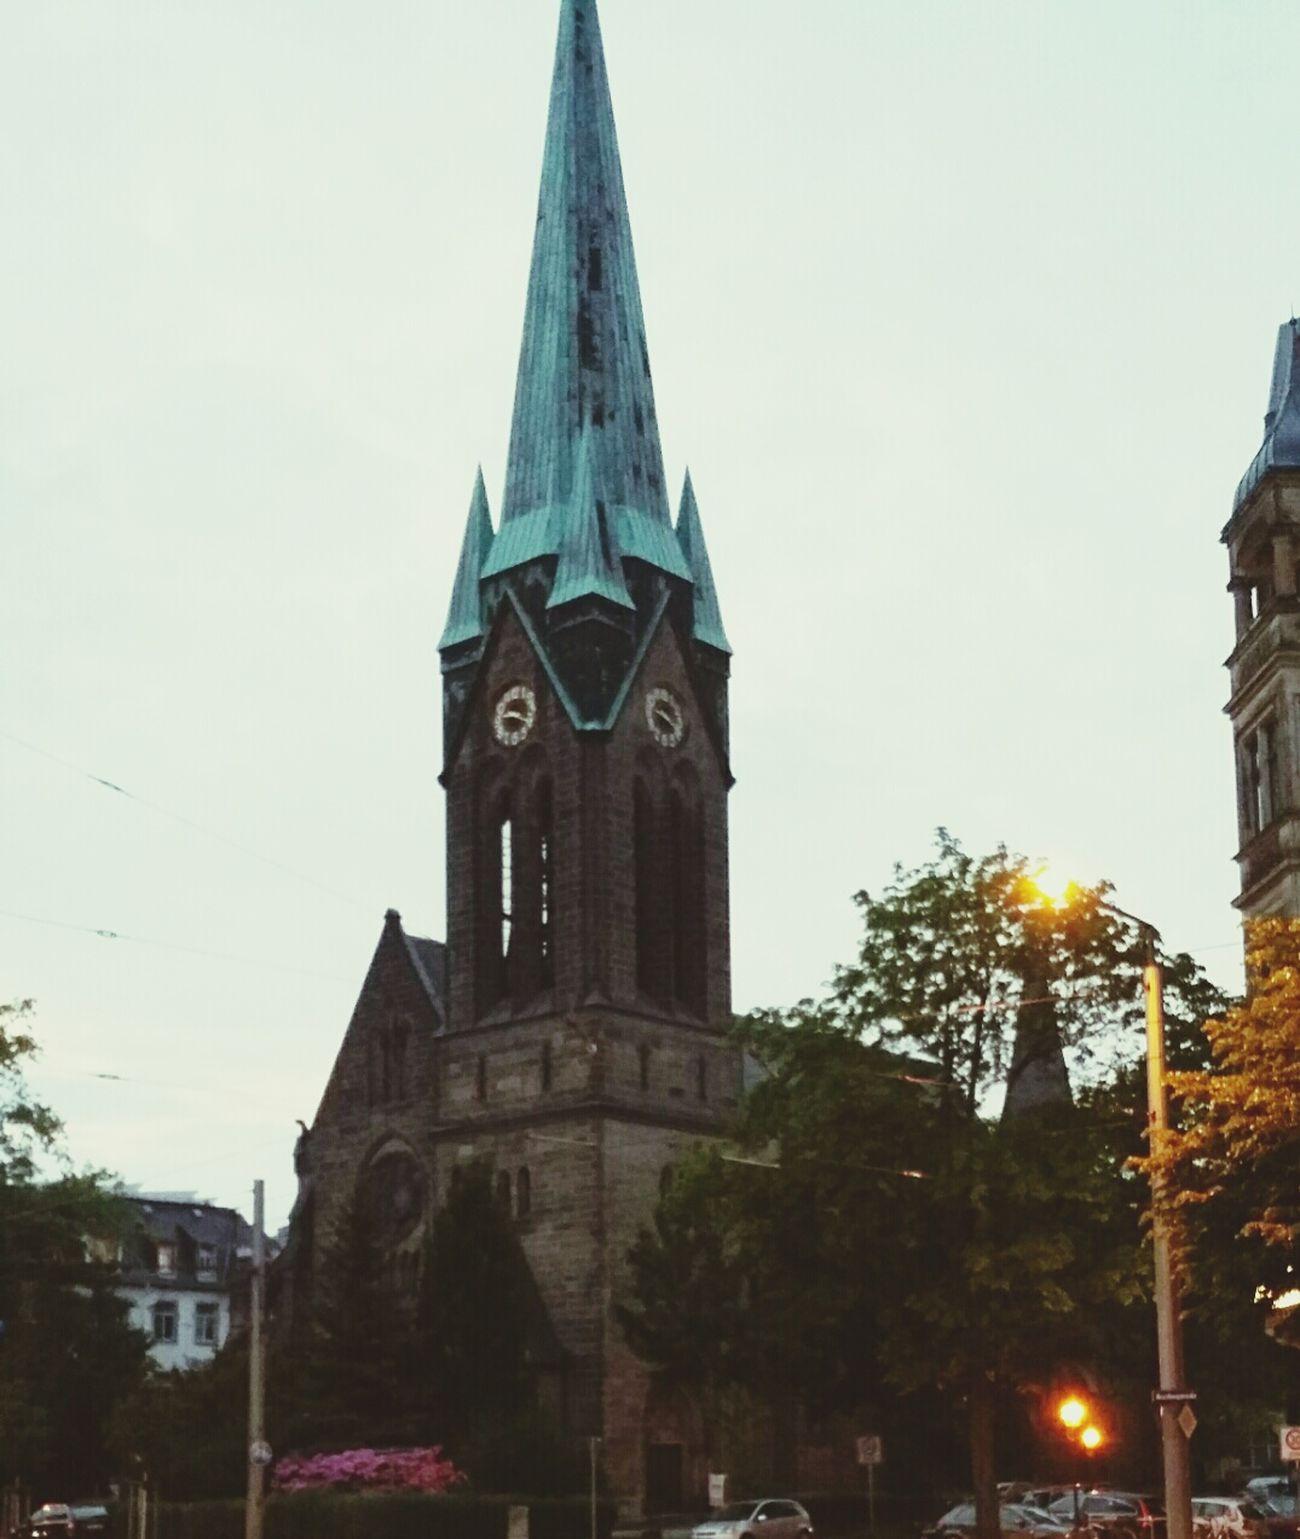 Dresden Kirche Chirch Gebäude Building God Gott Eeyem Photography EeYem Best Shots Eeyem 🙏⛪💒